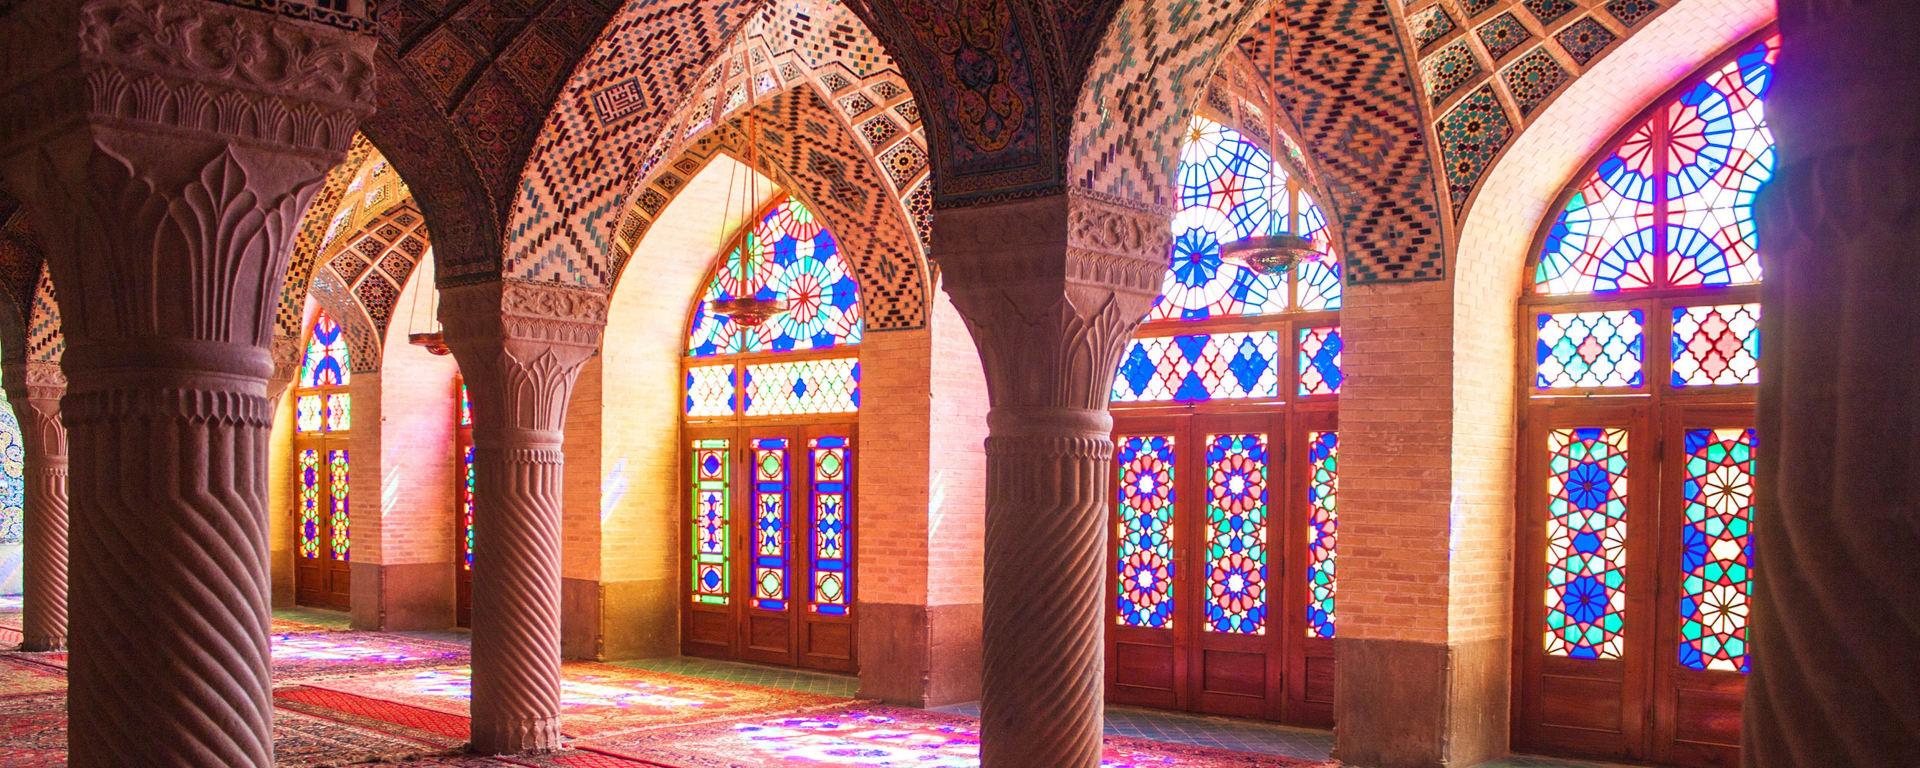 Iran entdecken mit Tischler Reisen: Iran Shiraz Moschee Nazir al Mulk